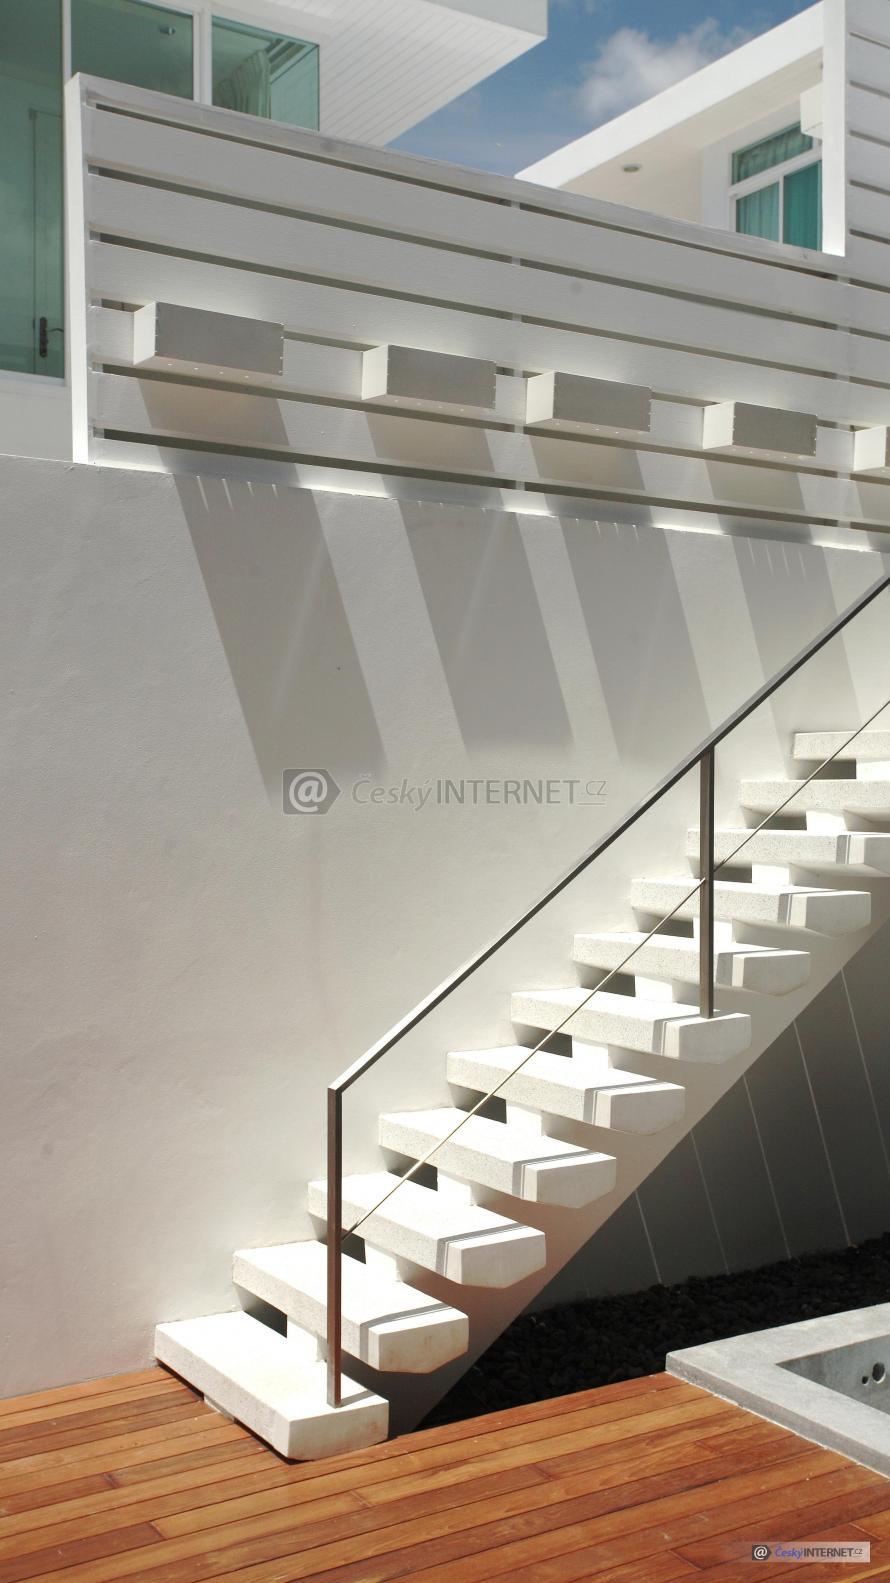 Venkovní schodiště.